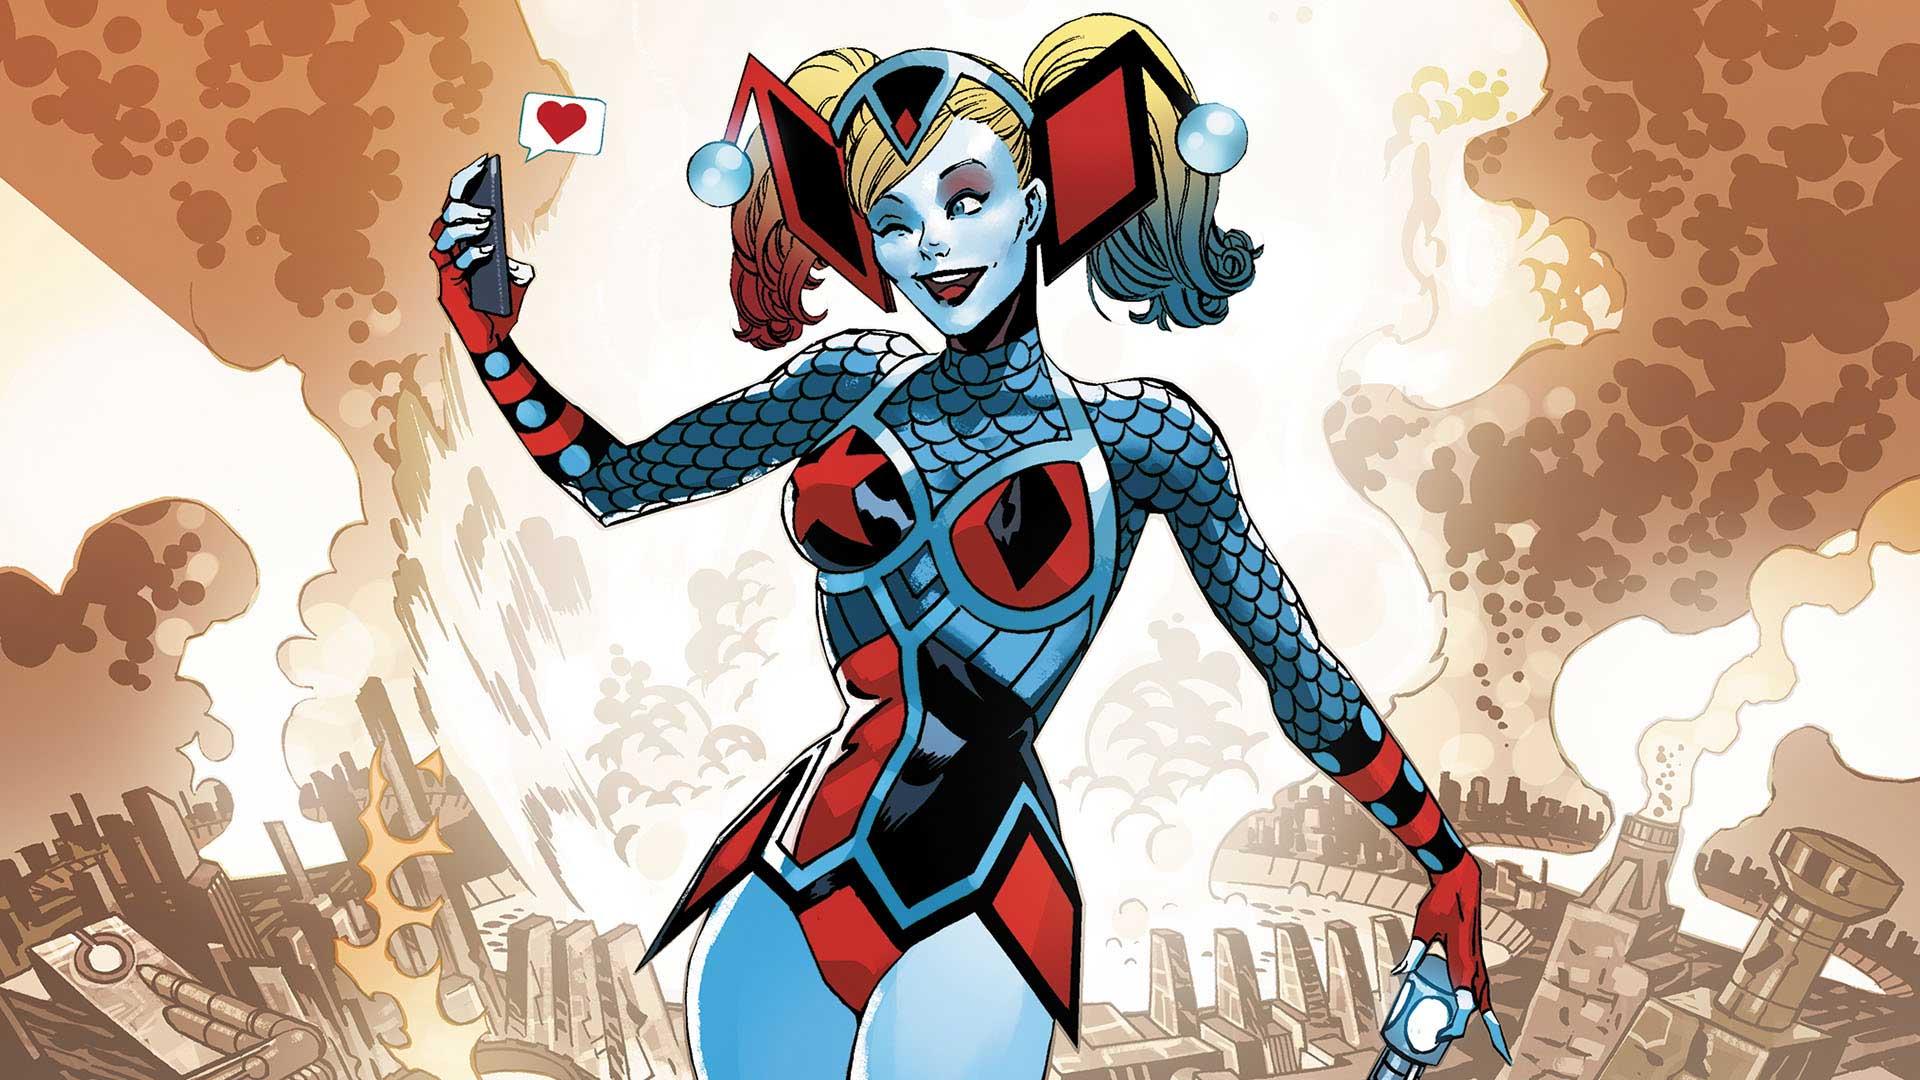 Arlequina se torna uma deusa em nova história da DC Comics